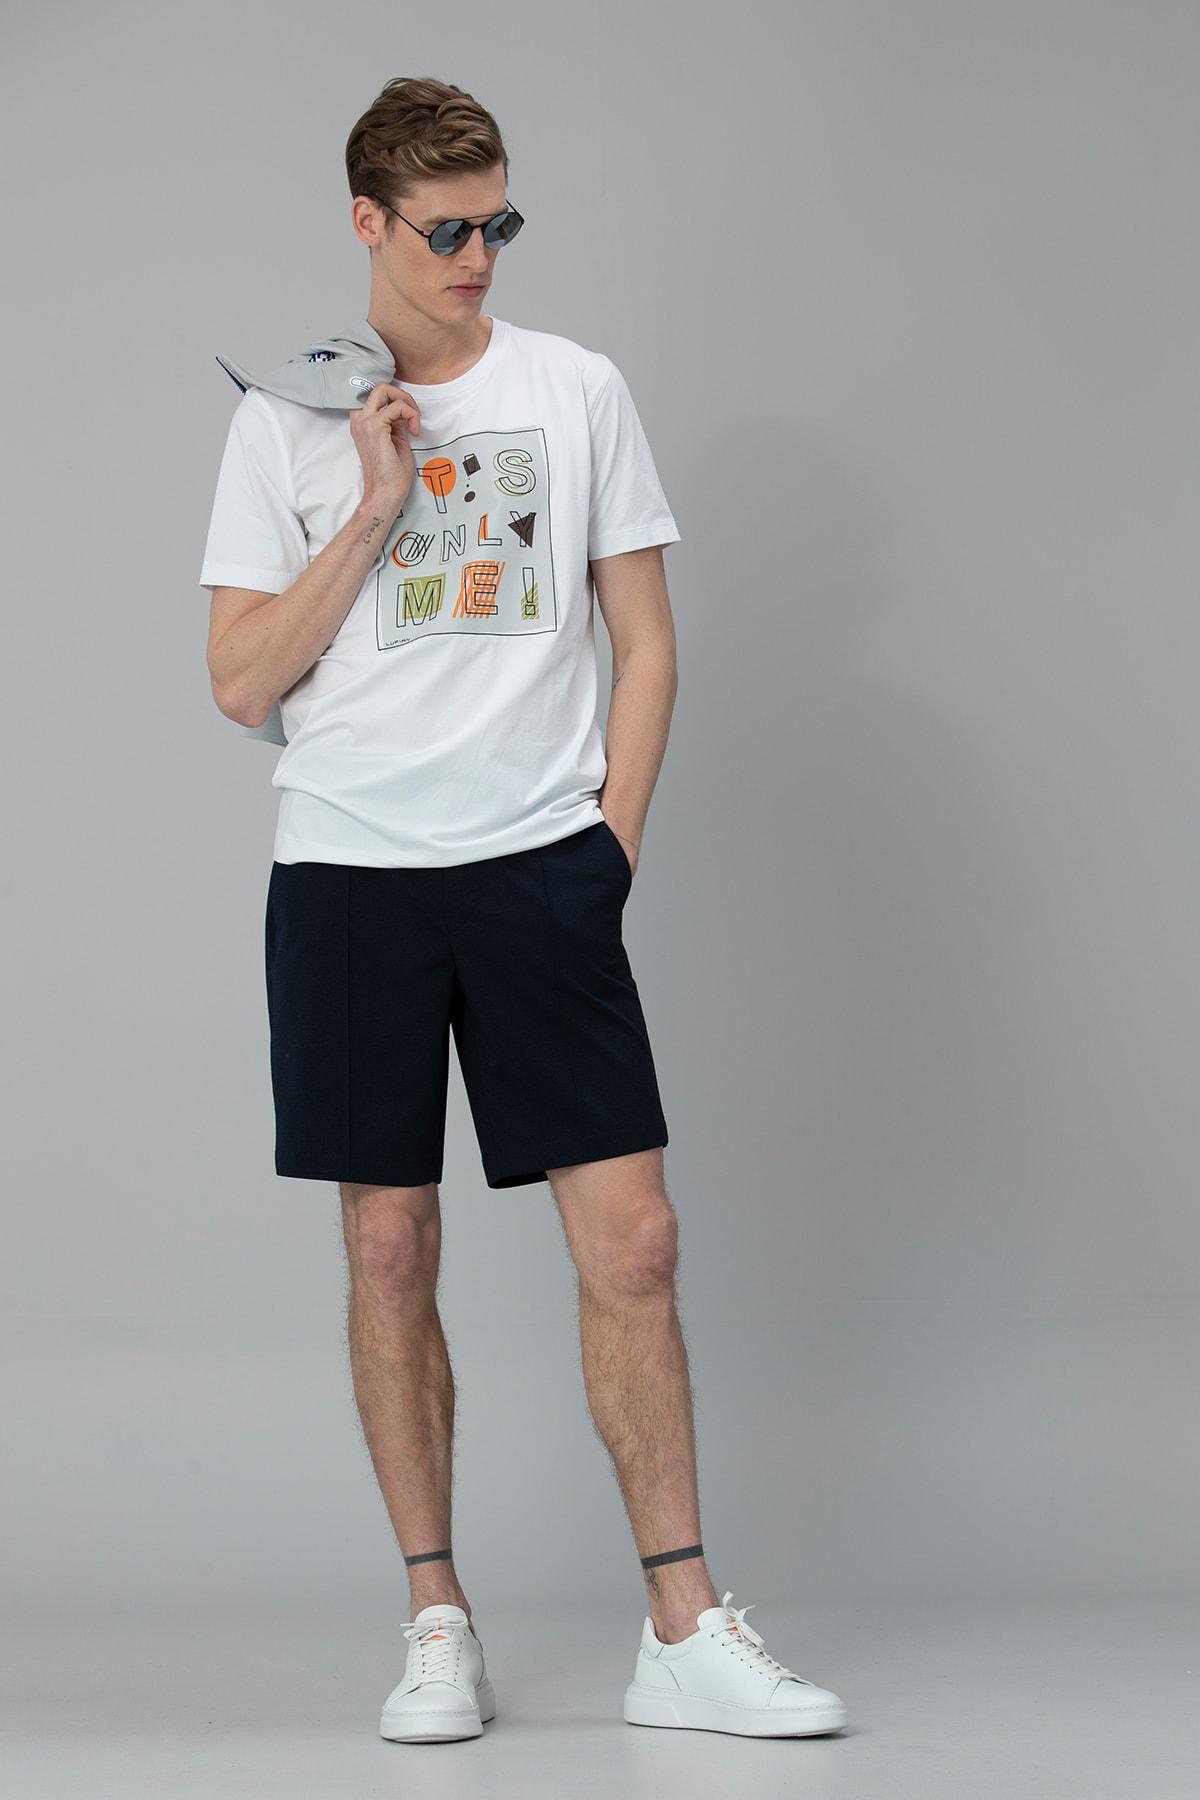 Lufian Etax Modern Grafik T- Shirt Beyaz 2